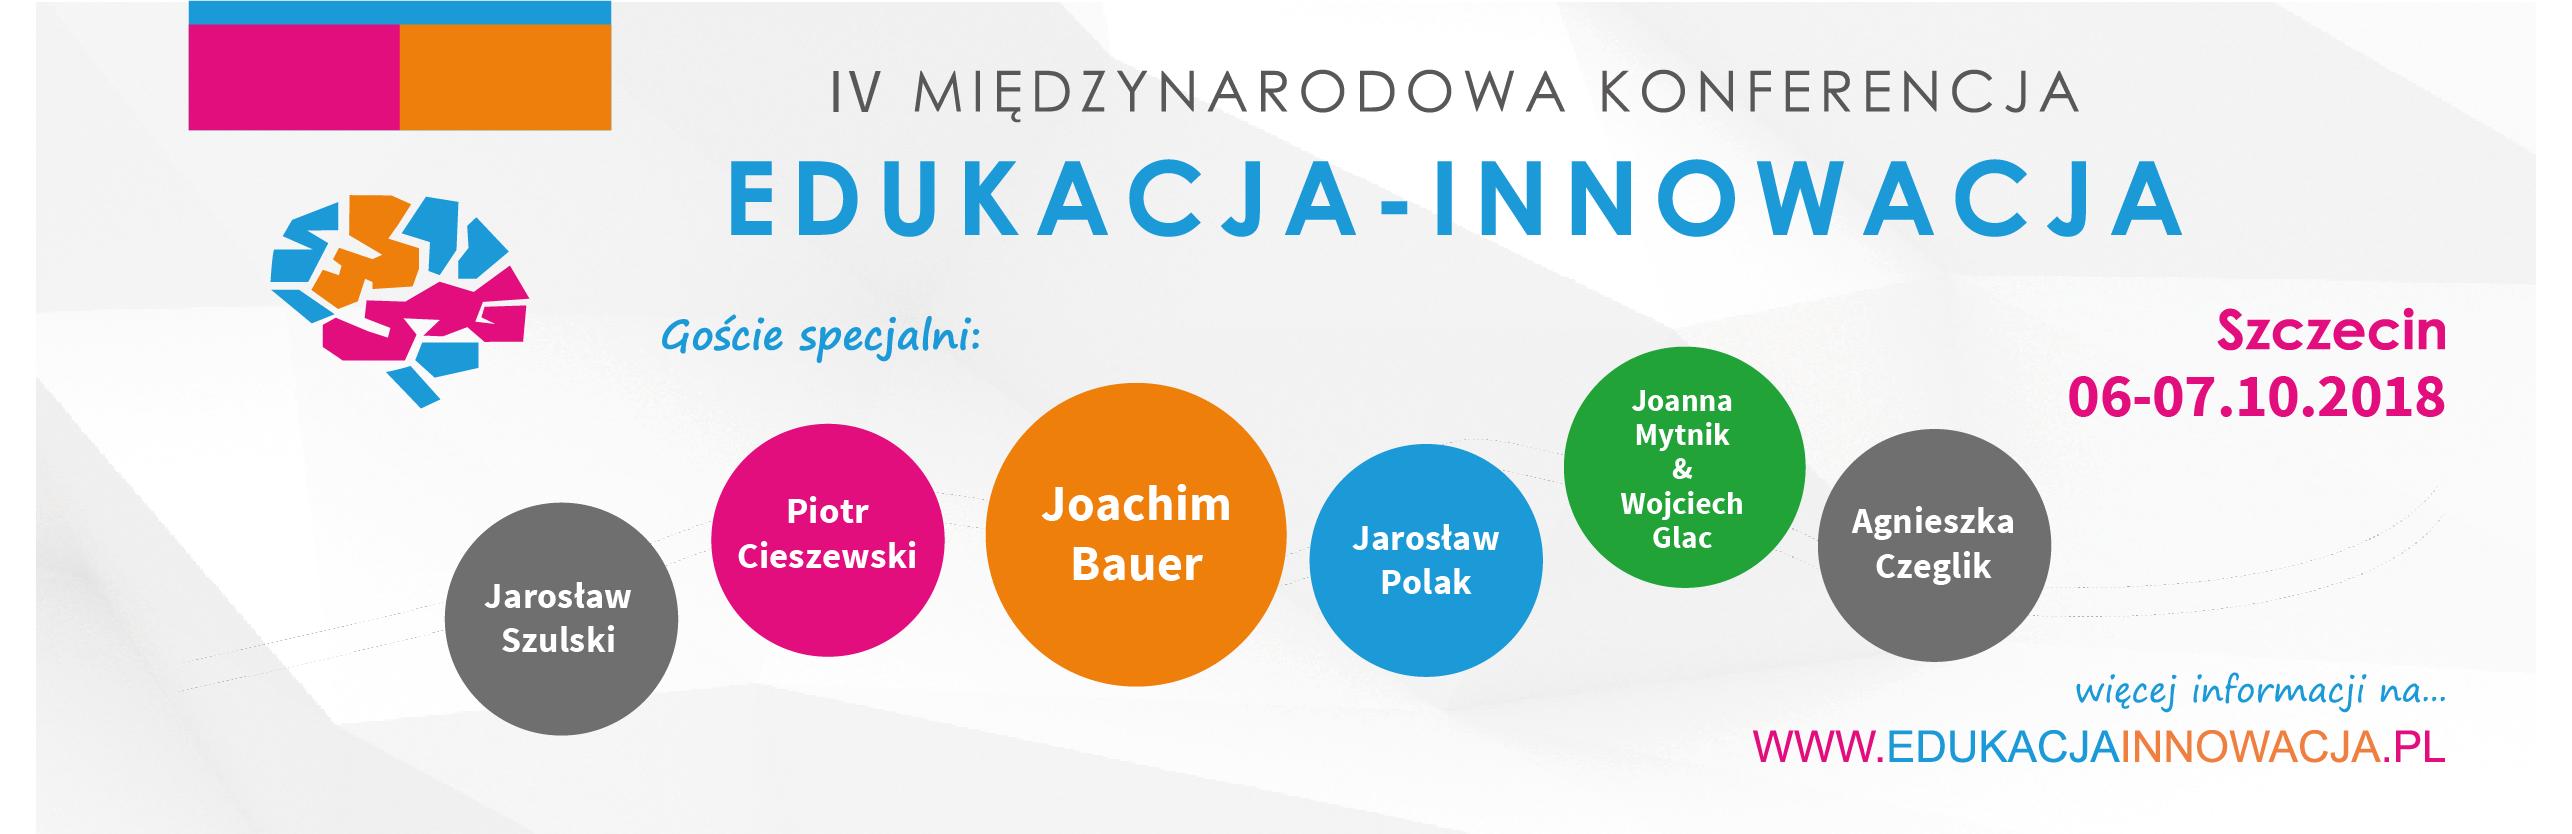 edukacja_innowacja 1200x400px